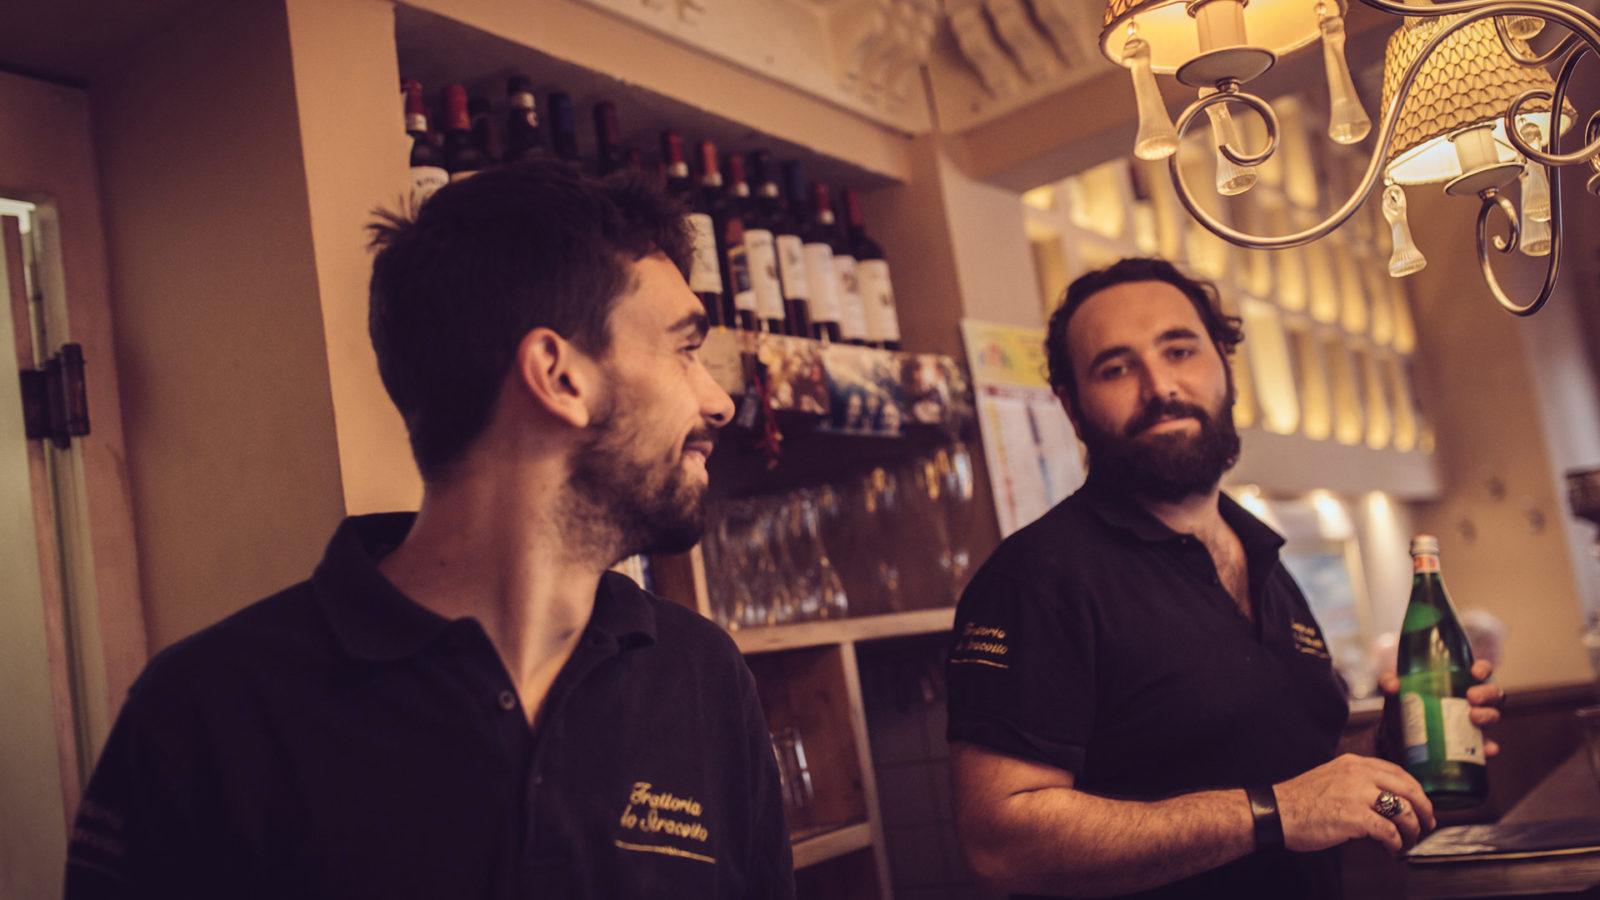 cucina toscana tradizionale ristorante a conduzione familiare Ristorante trattoria Lo Stracotto a Firenze